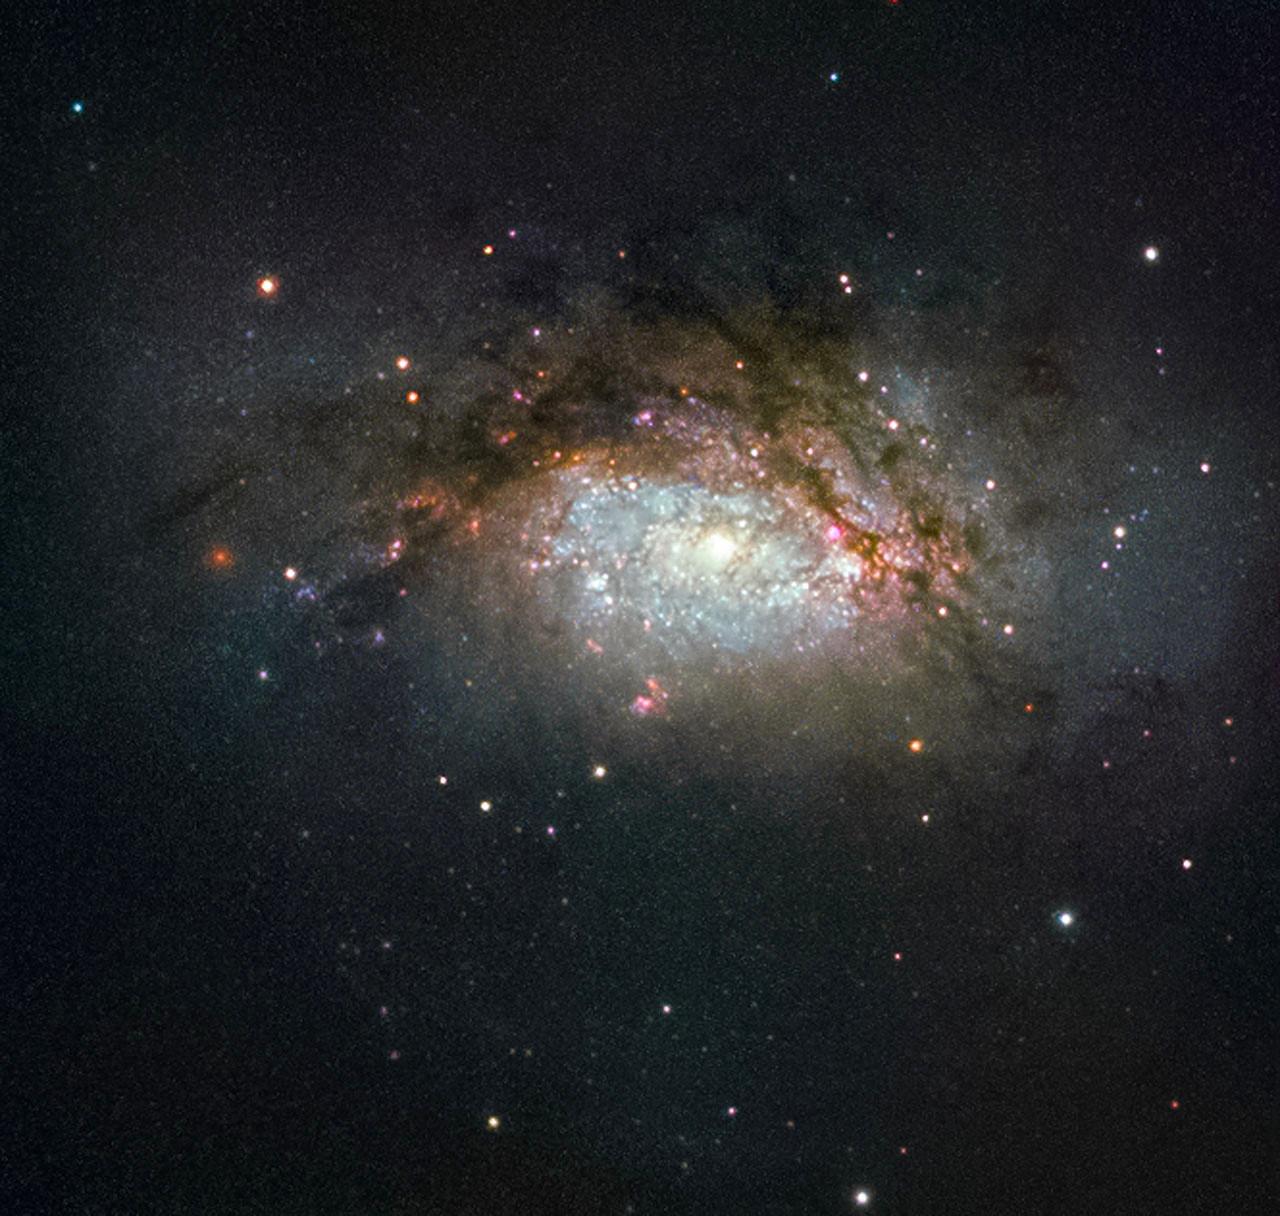 NGC 3597. Image credit: ESA/Hubble & NASA Acknowledgement: Judy Schmidt.